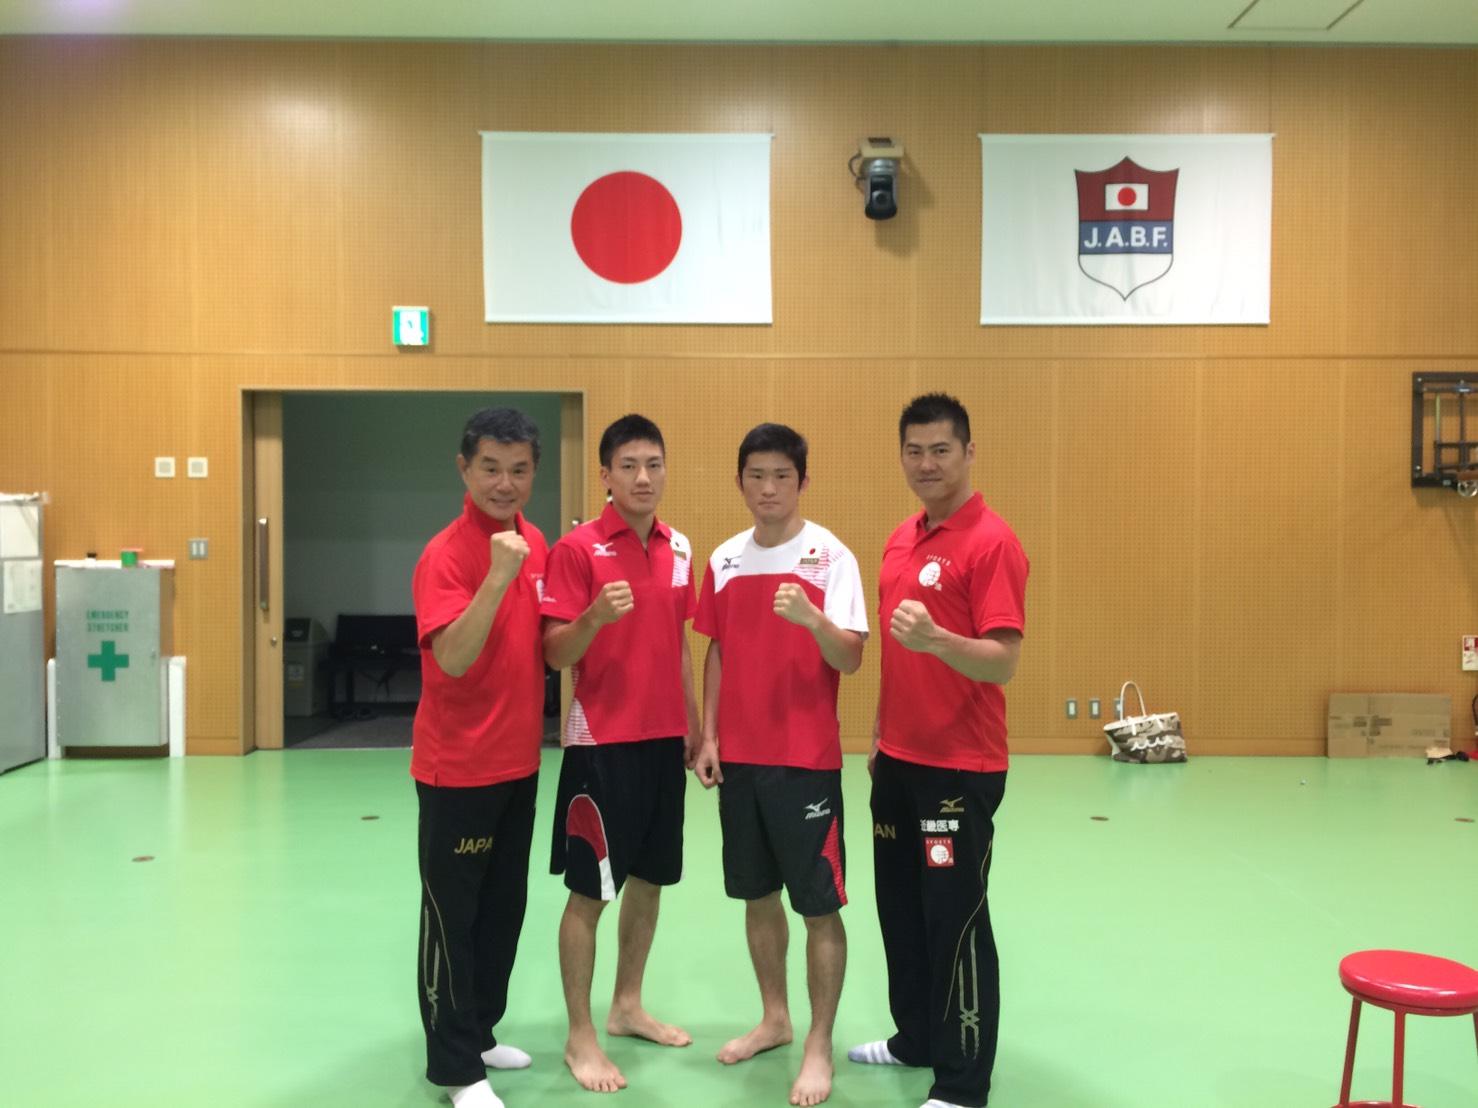 日本ボクシング連盟の合宿にトレ...